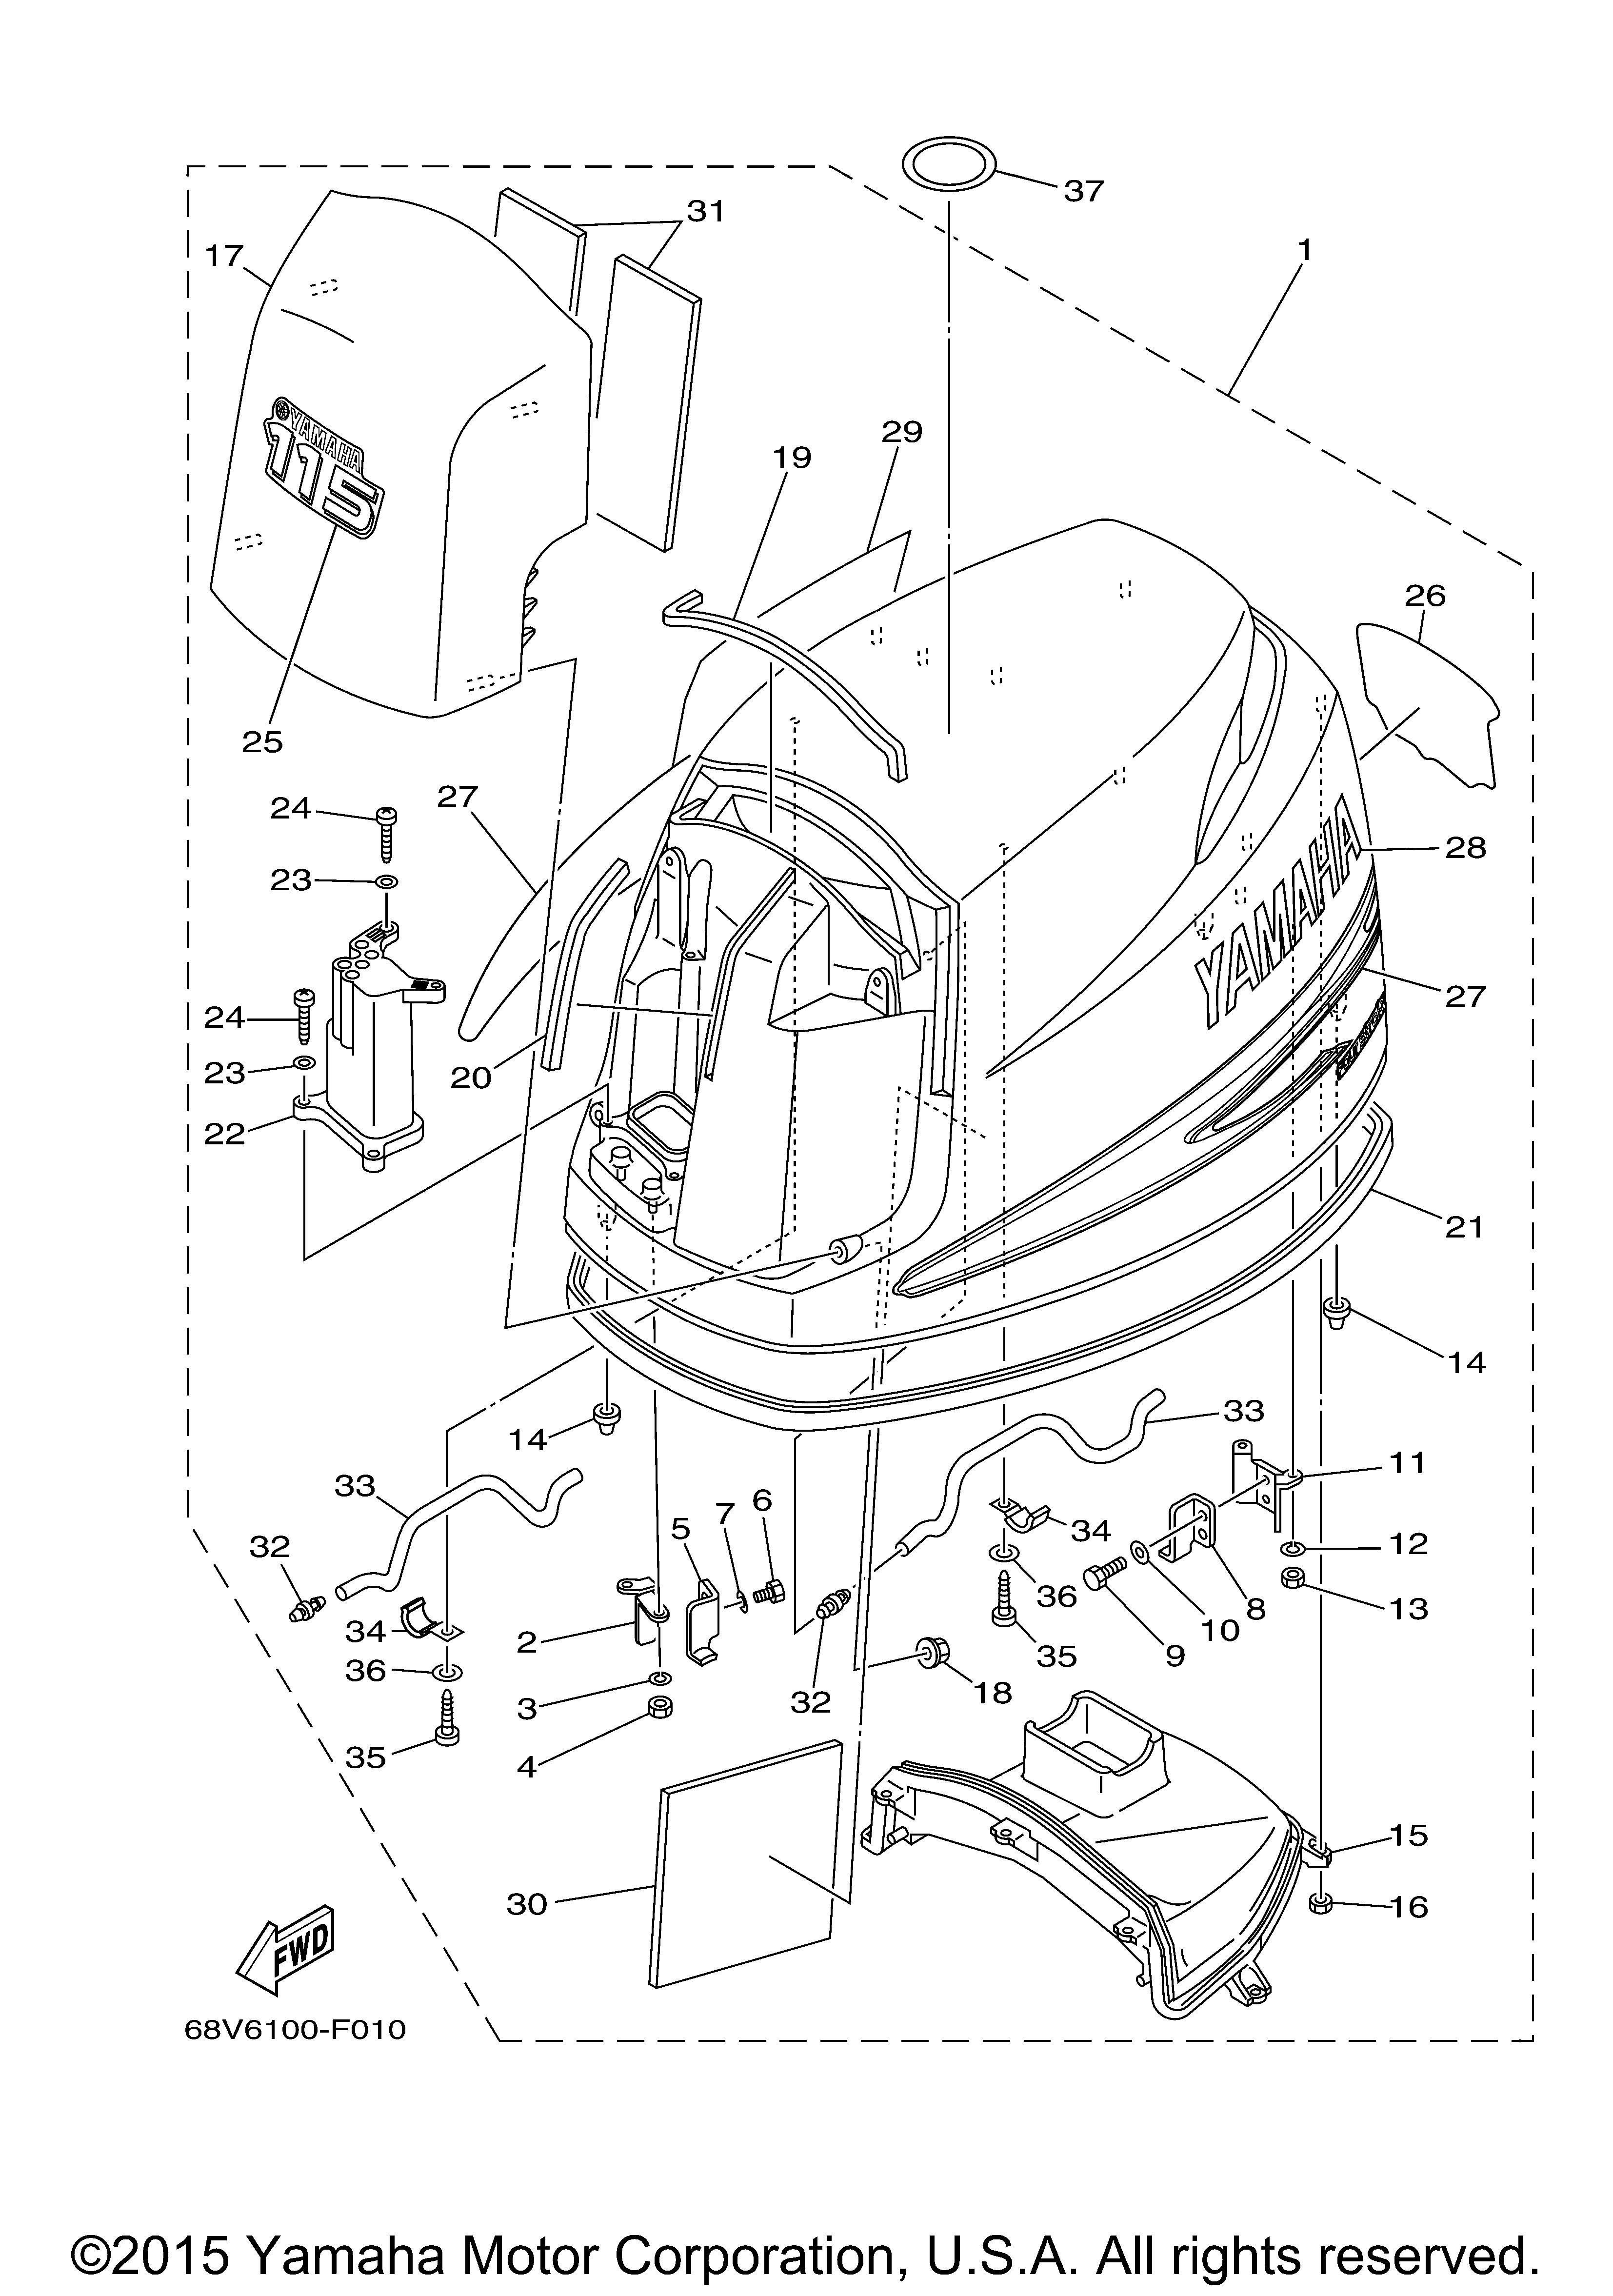 Yamaha Graphic, rear 68V42678B000, New Genuine OEM Part